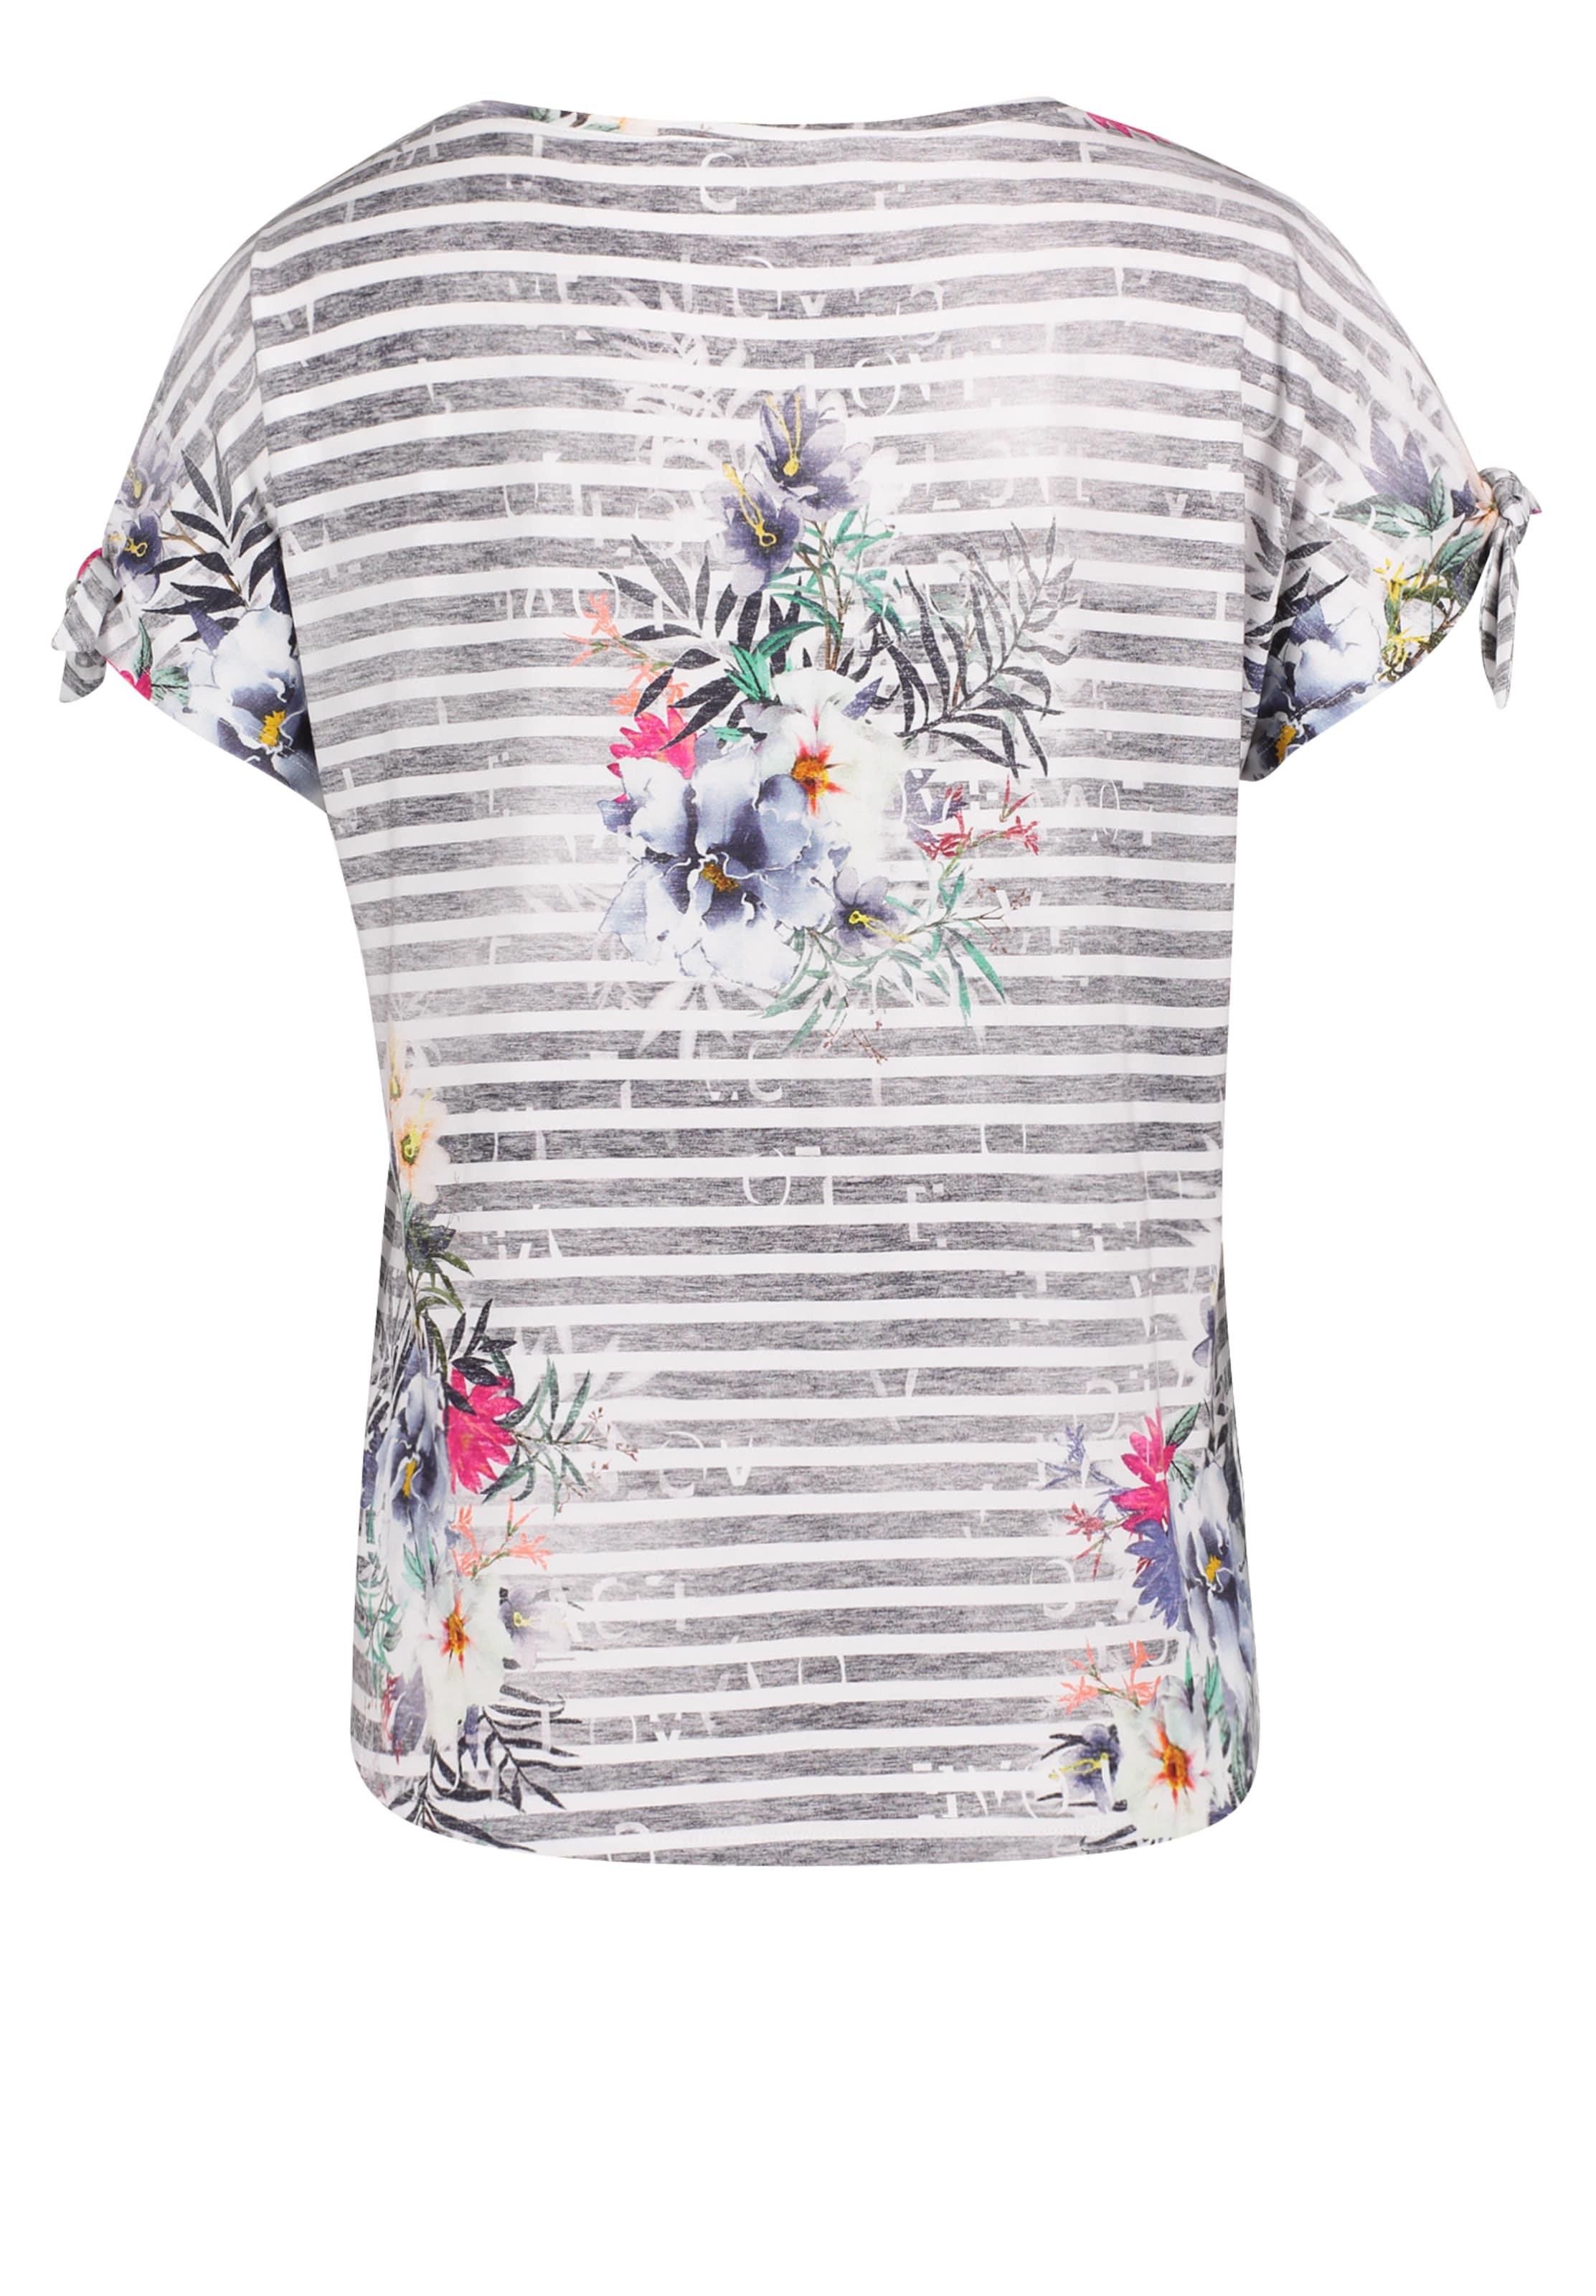 Co In Bettyamp; TaupeMischfarben Shirt Weiß ALq5cj43R